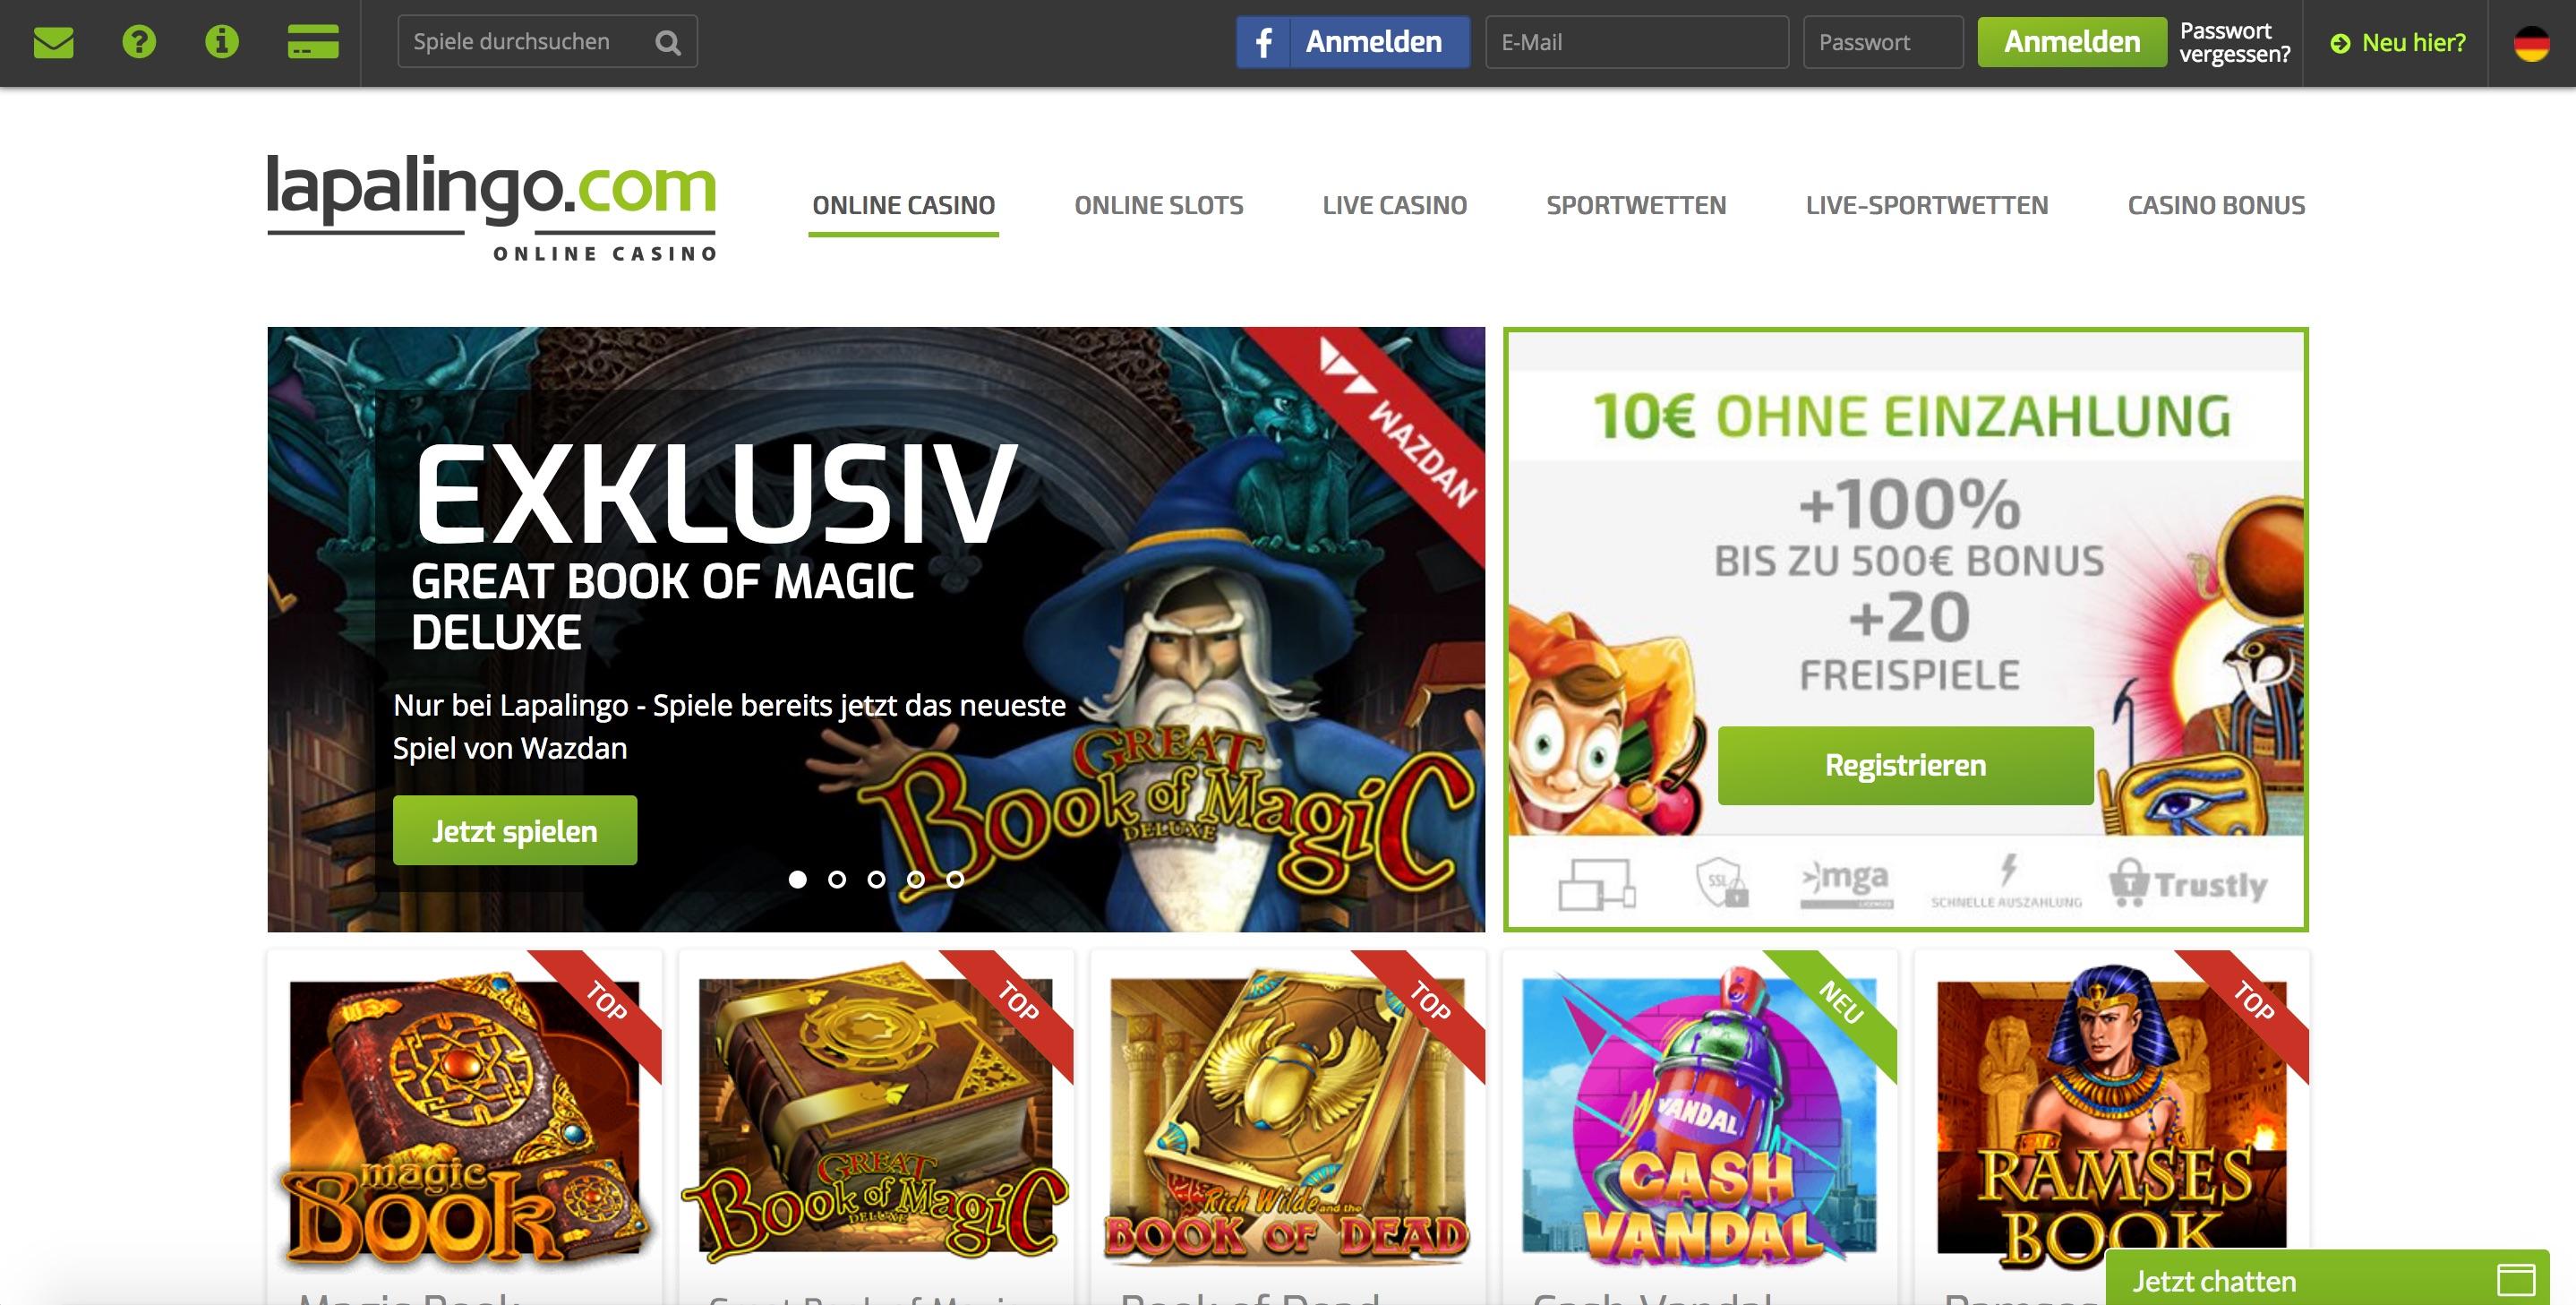 Casino Bonus ohne Einzahlung: Gratis spielen, echtes Geld gewinnen